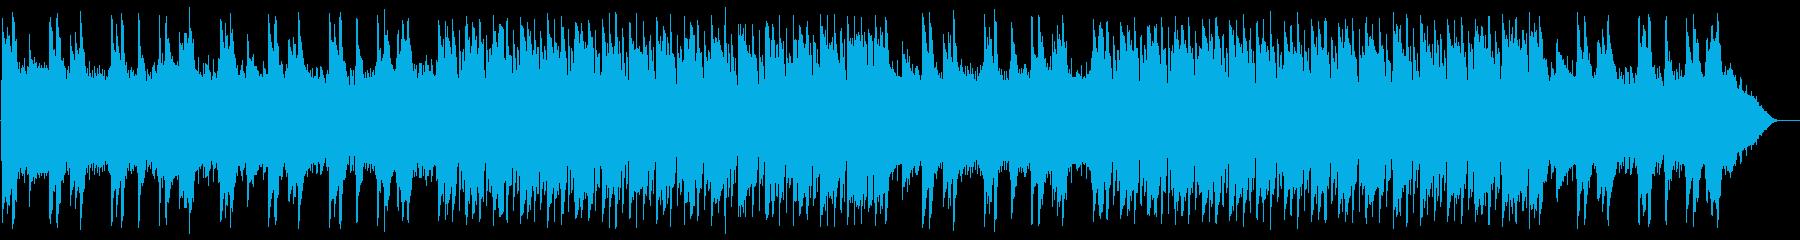 なめらかで綺麗なオルゴールの再生済みの波形